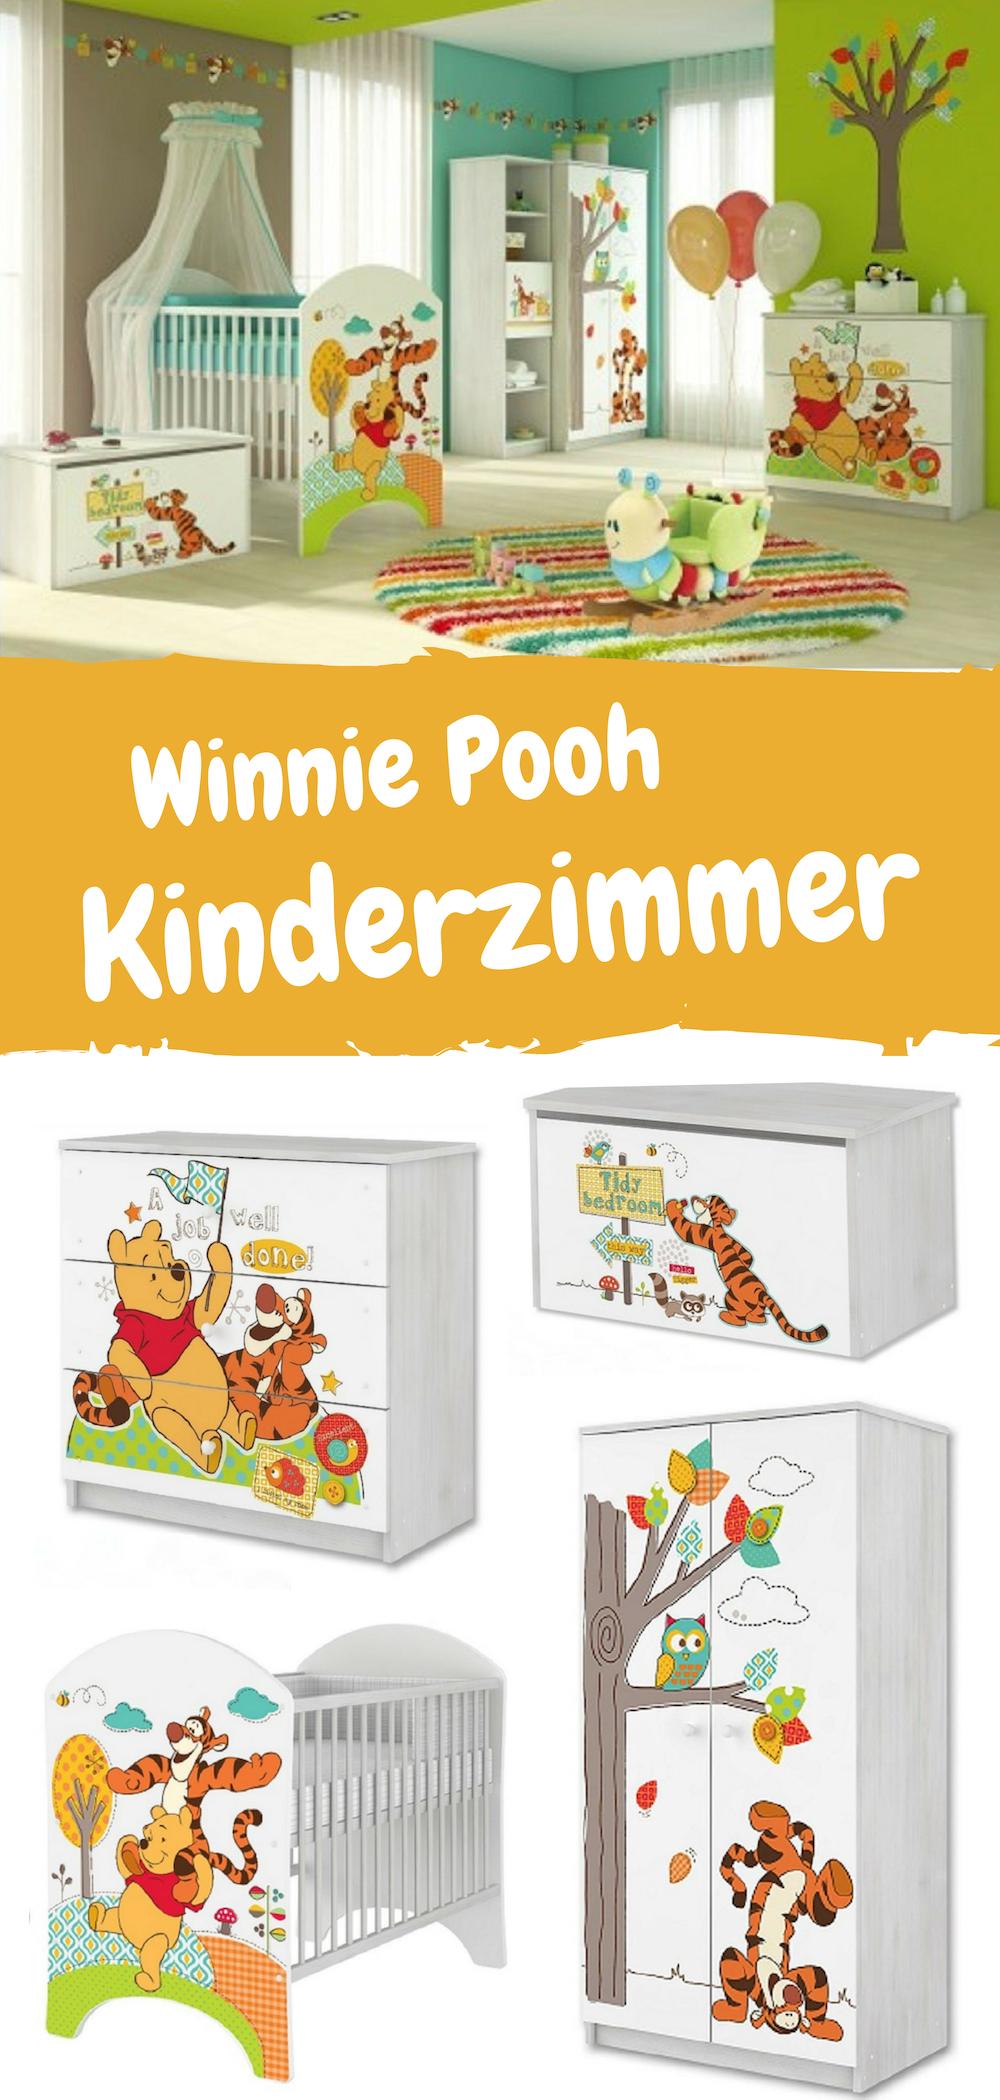 Schönes Kinderzimmer Set mit Winnie Pooh Motiv. Möbel für ...